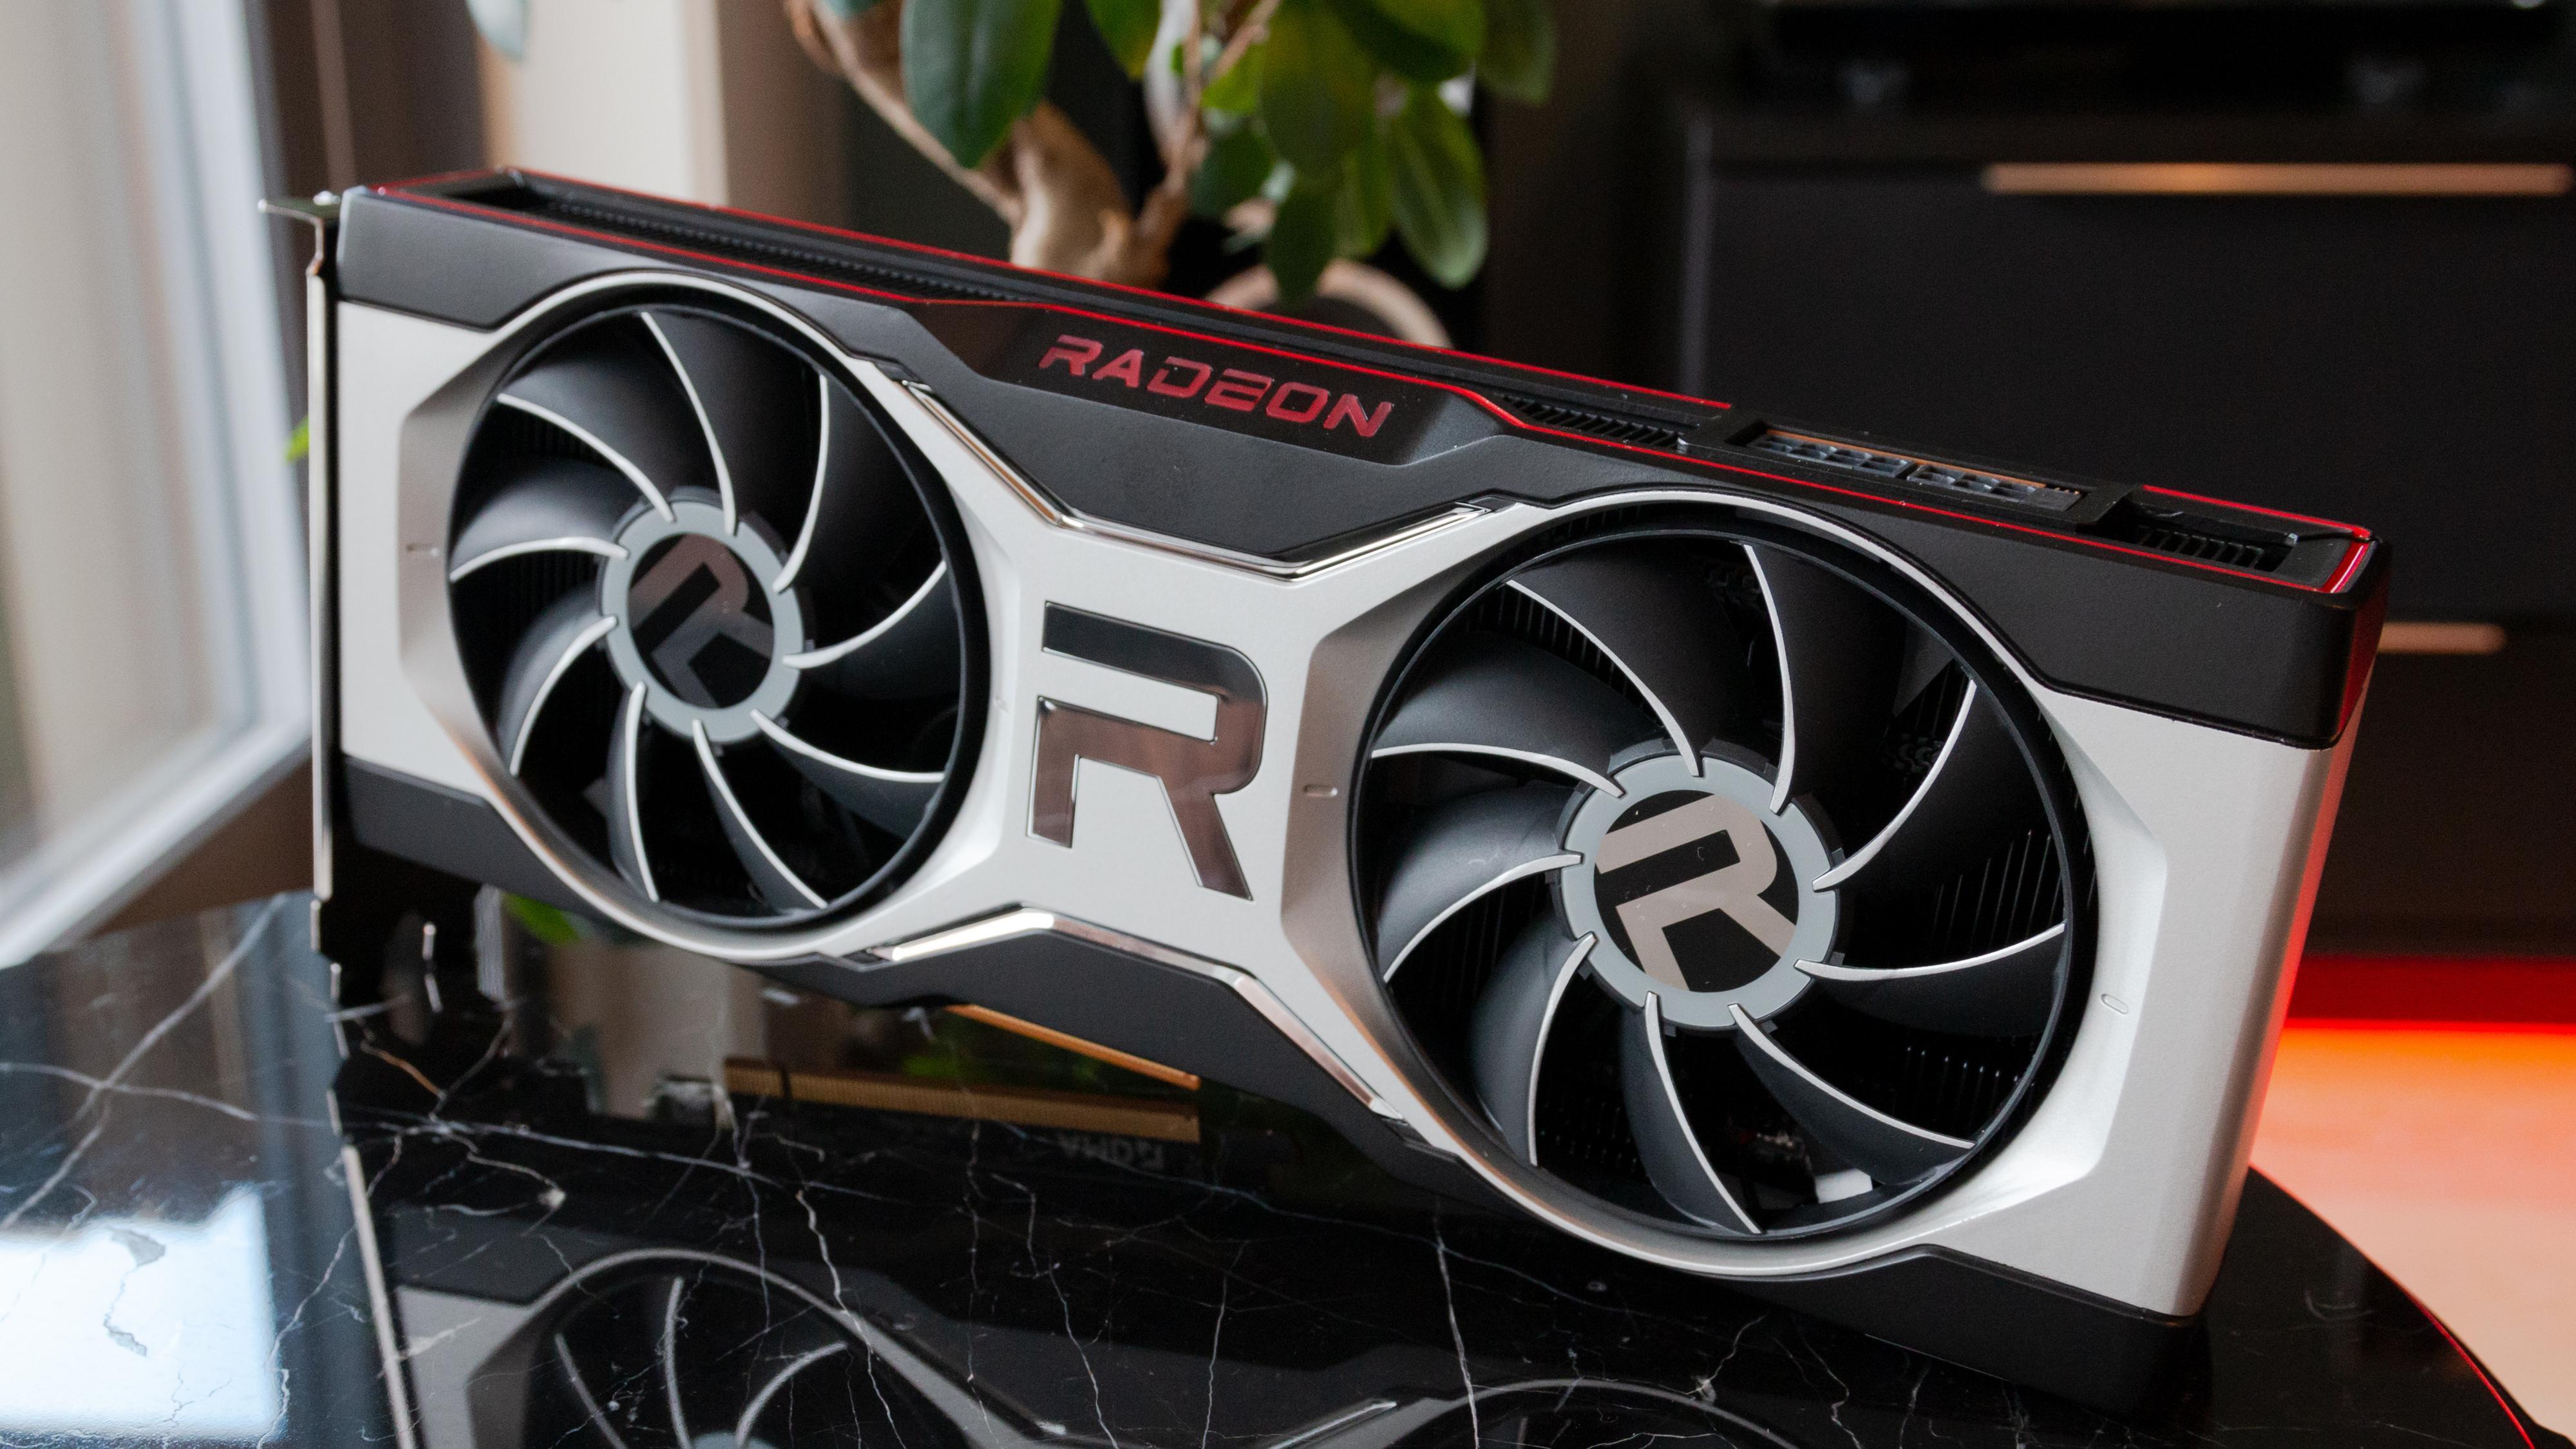 Så godt er kortet AMD mener er perfekt for 1440p-spilling